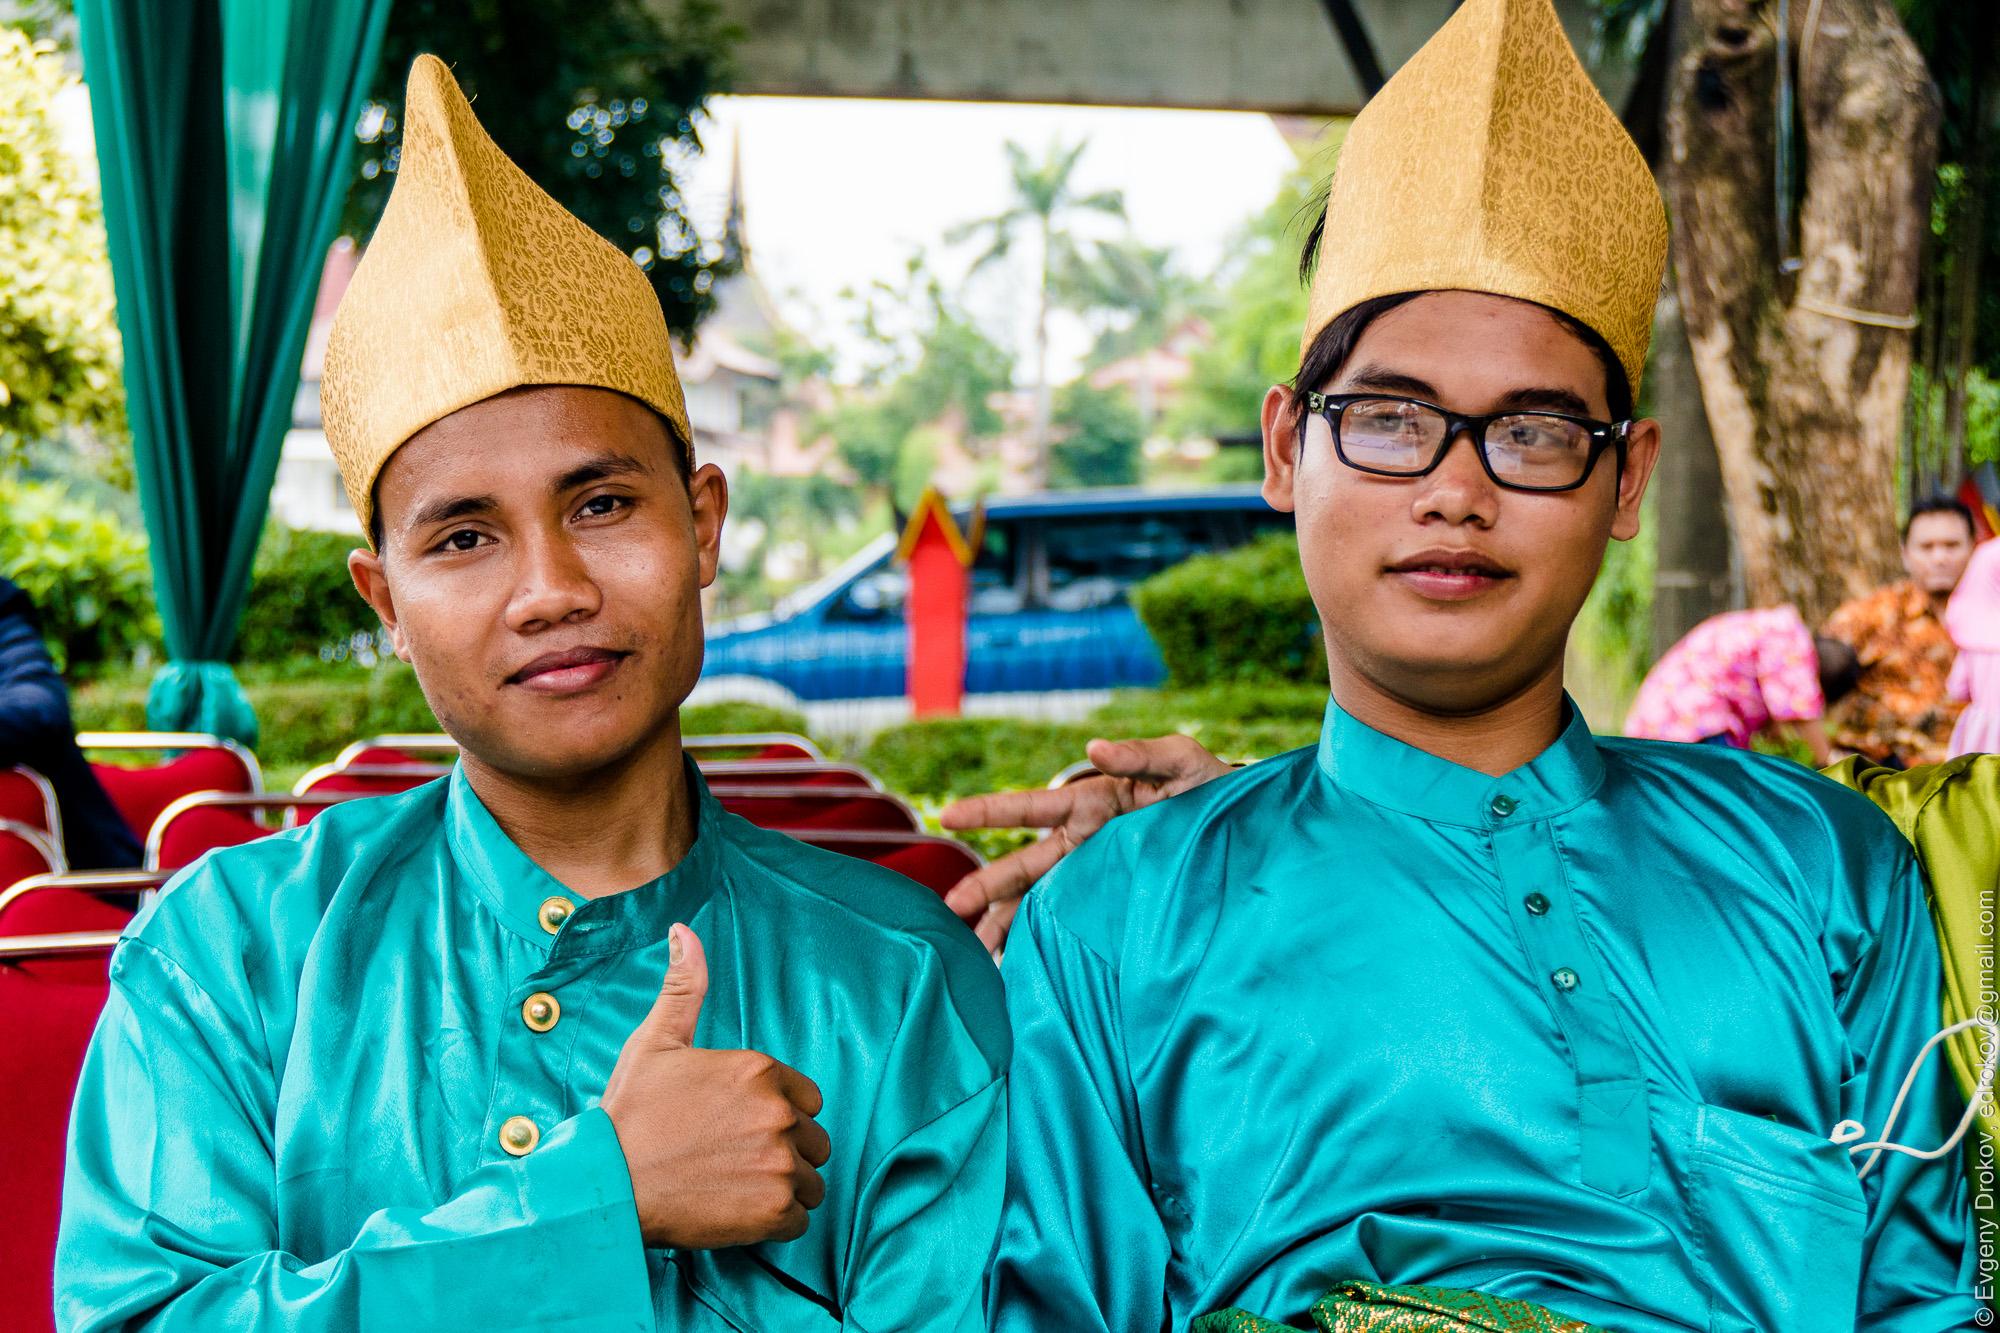 indonesia people зурган илэрцүүд